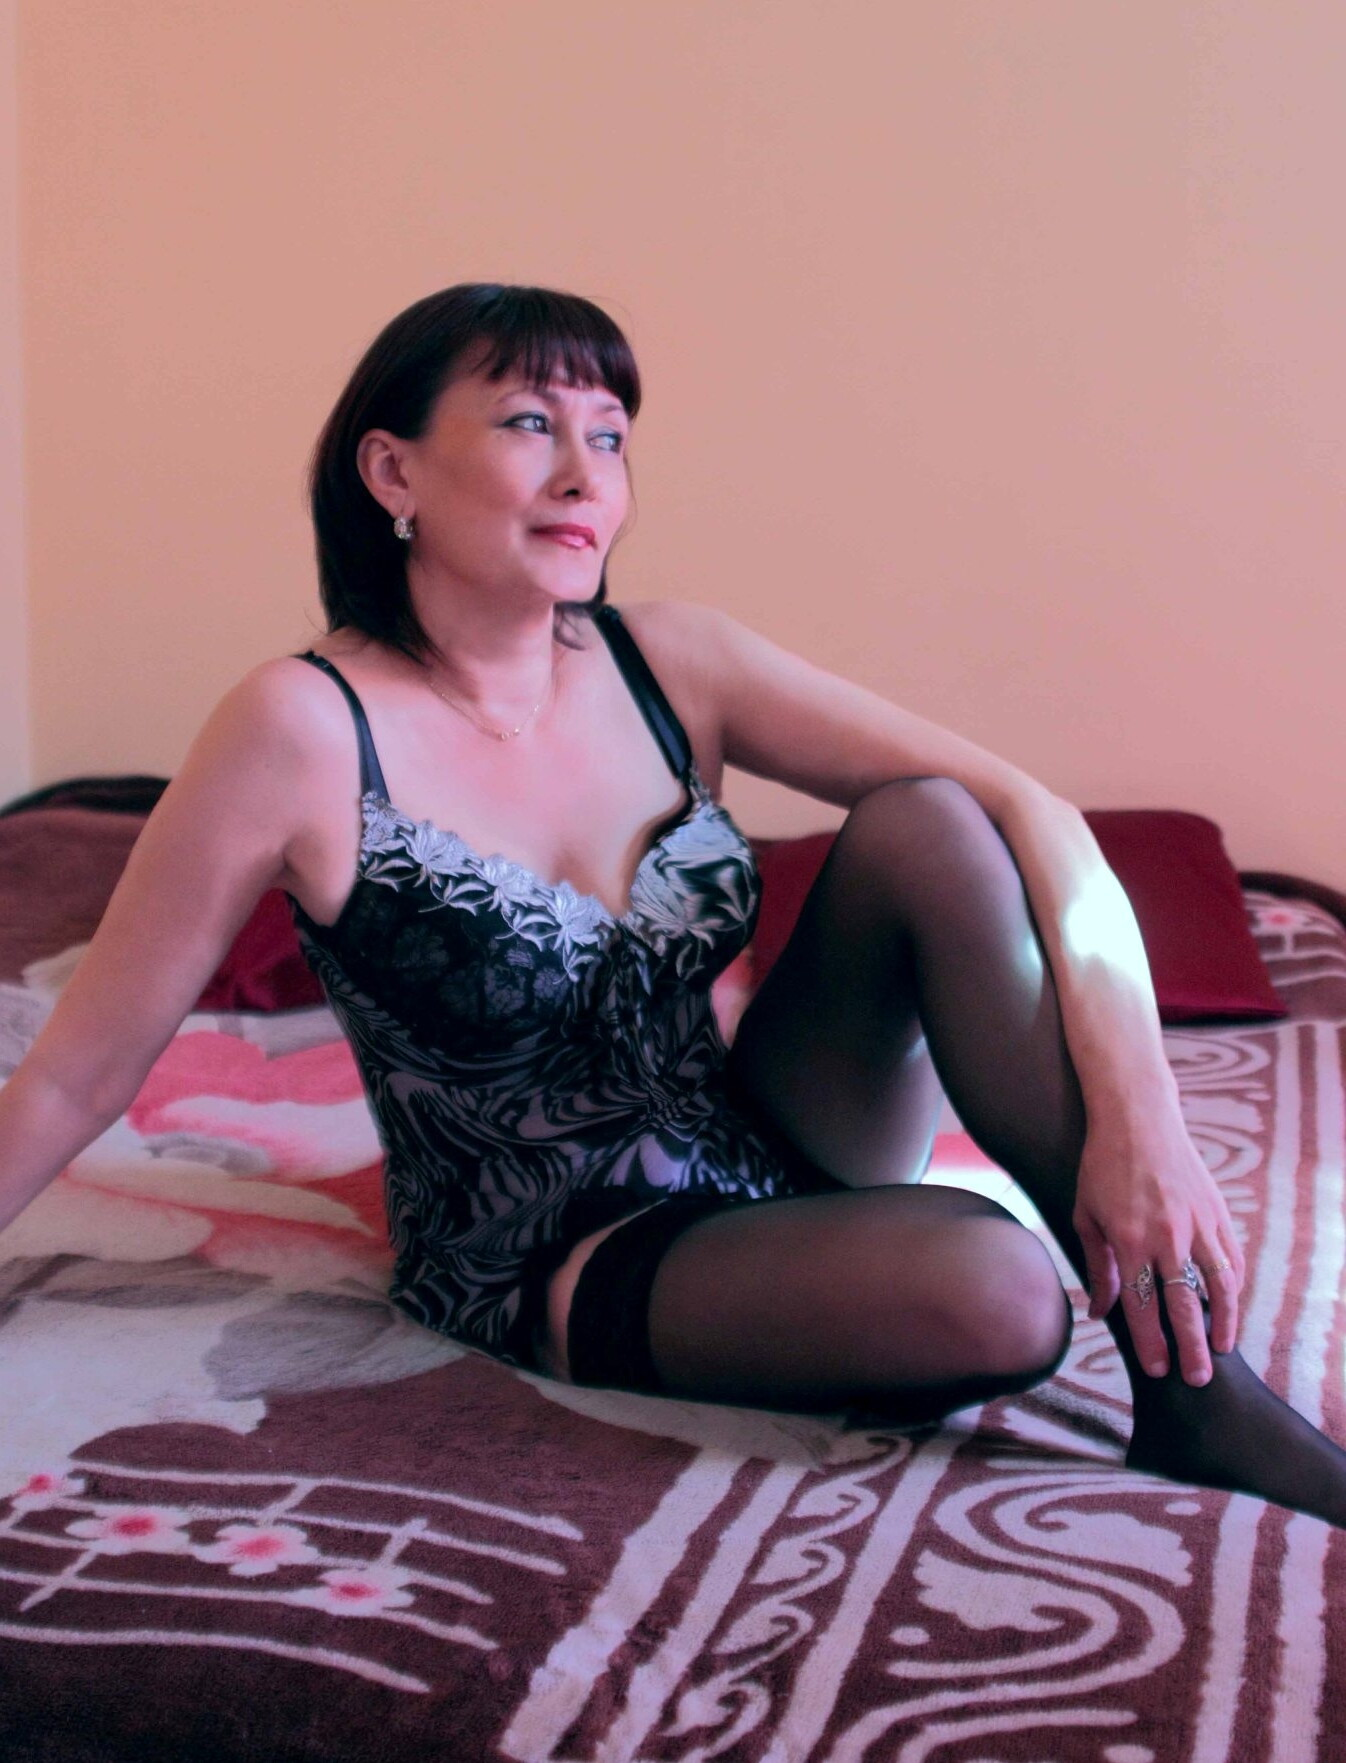 40лет дешевые от проститутки екатеринбурга